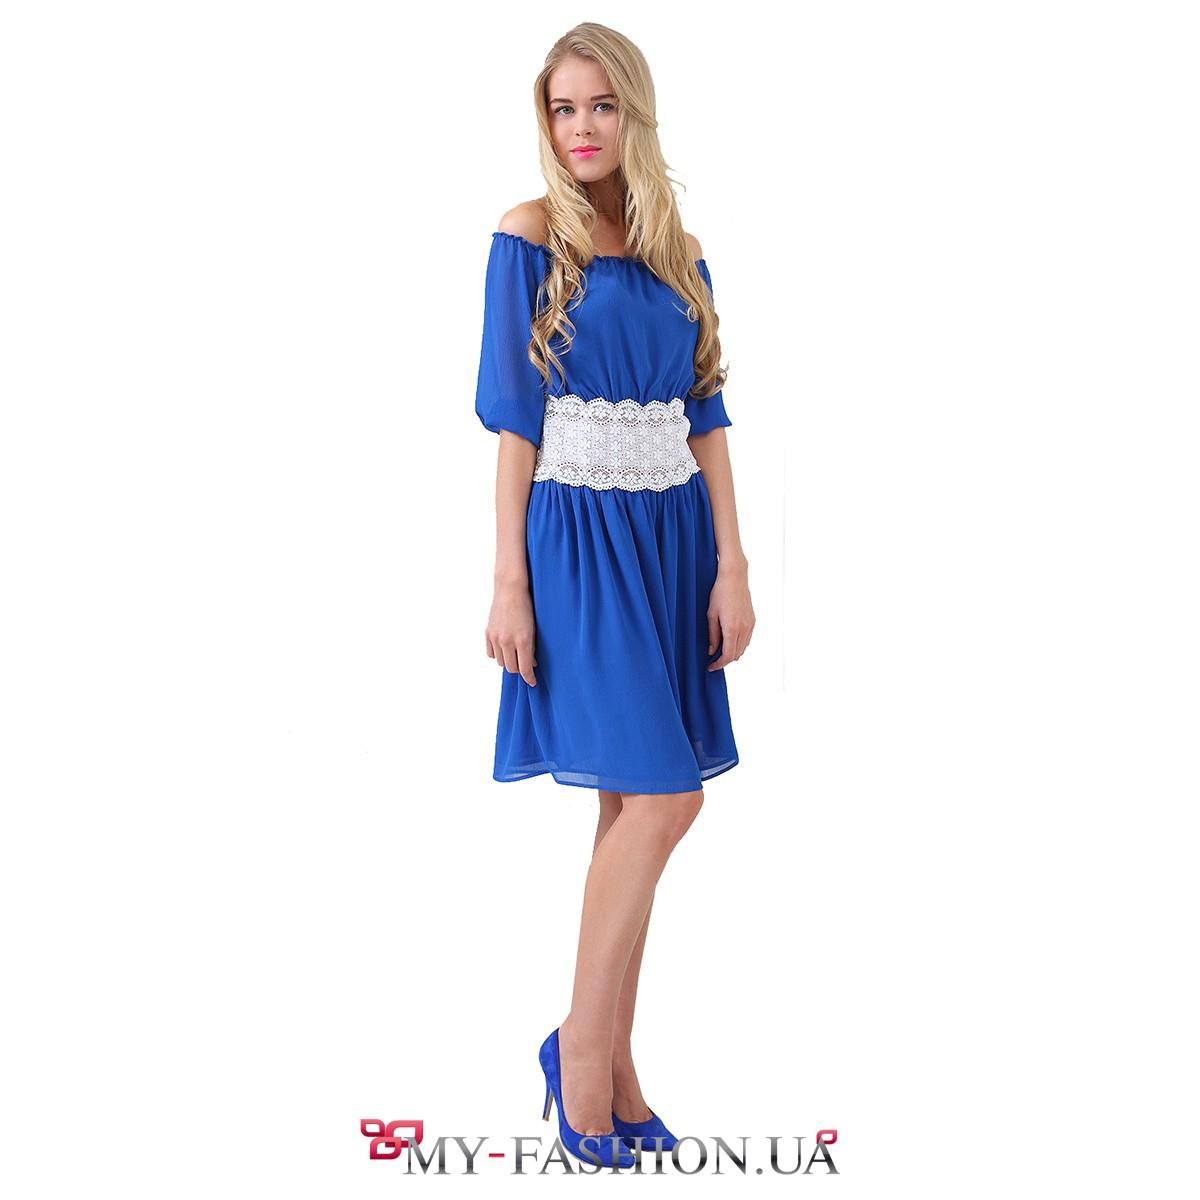 Синее с белым платье доставка